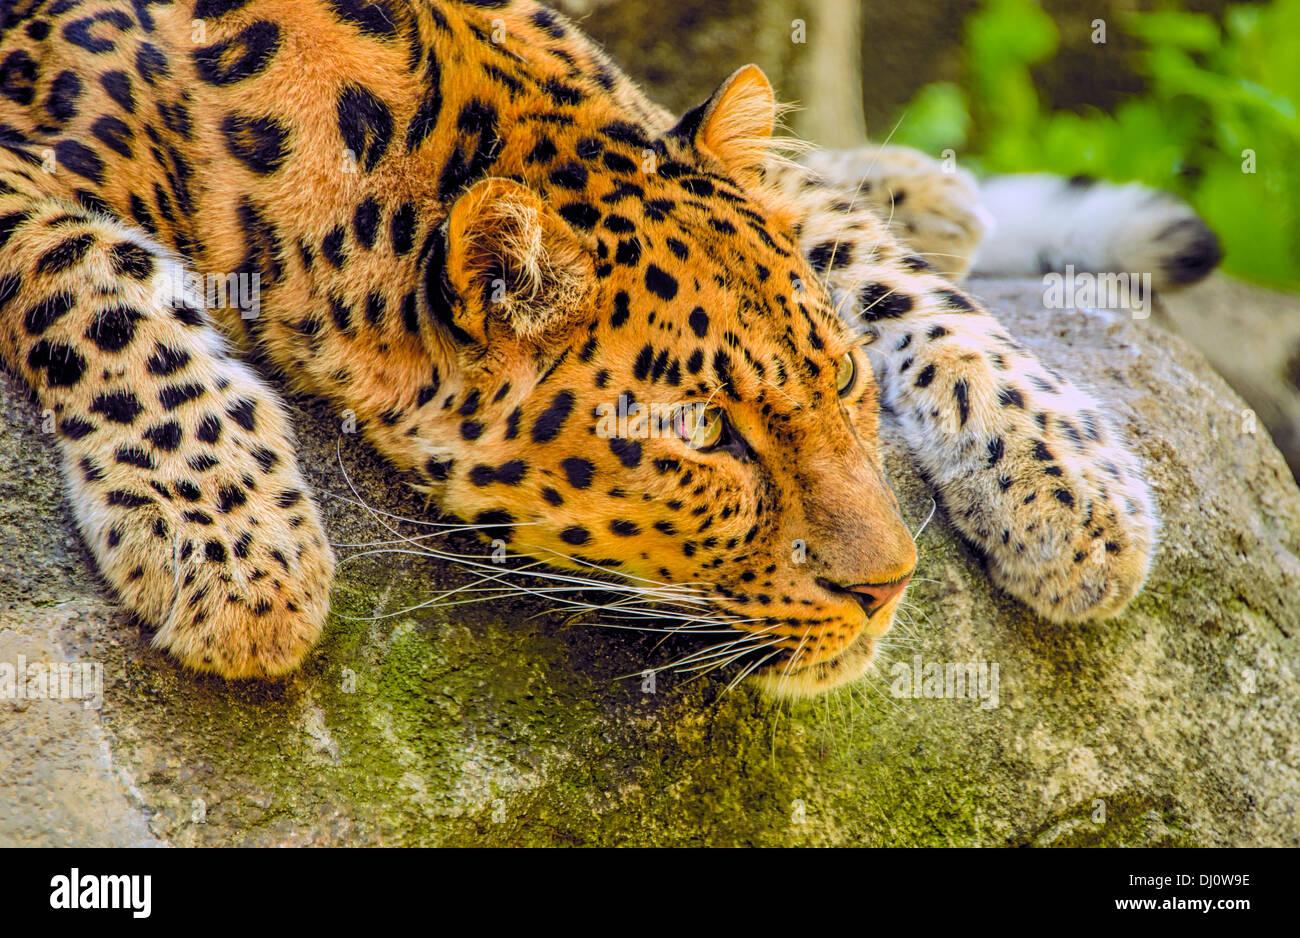 The Amur leopard (Panthera pardus orientalis) is a leopard subspecies Stock Photo